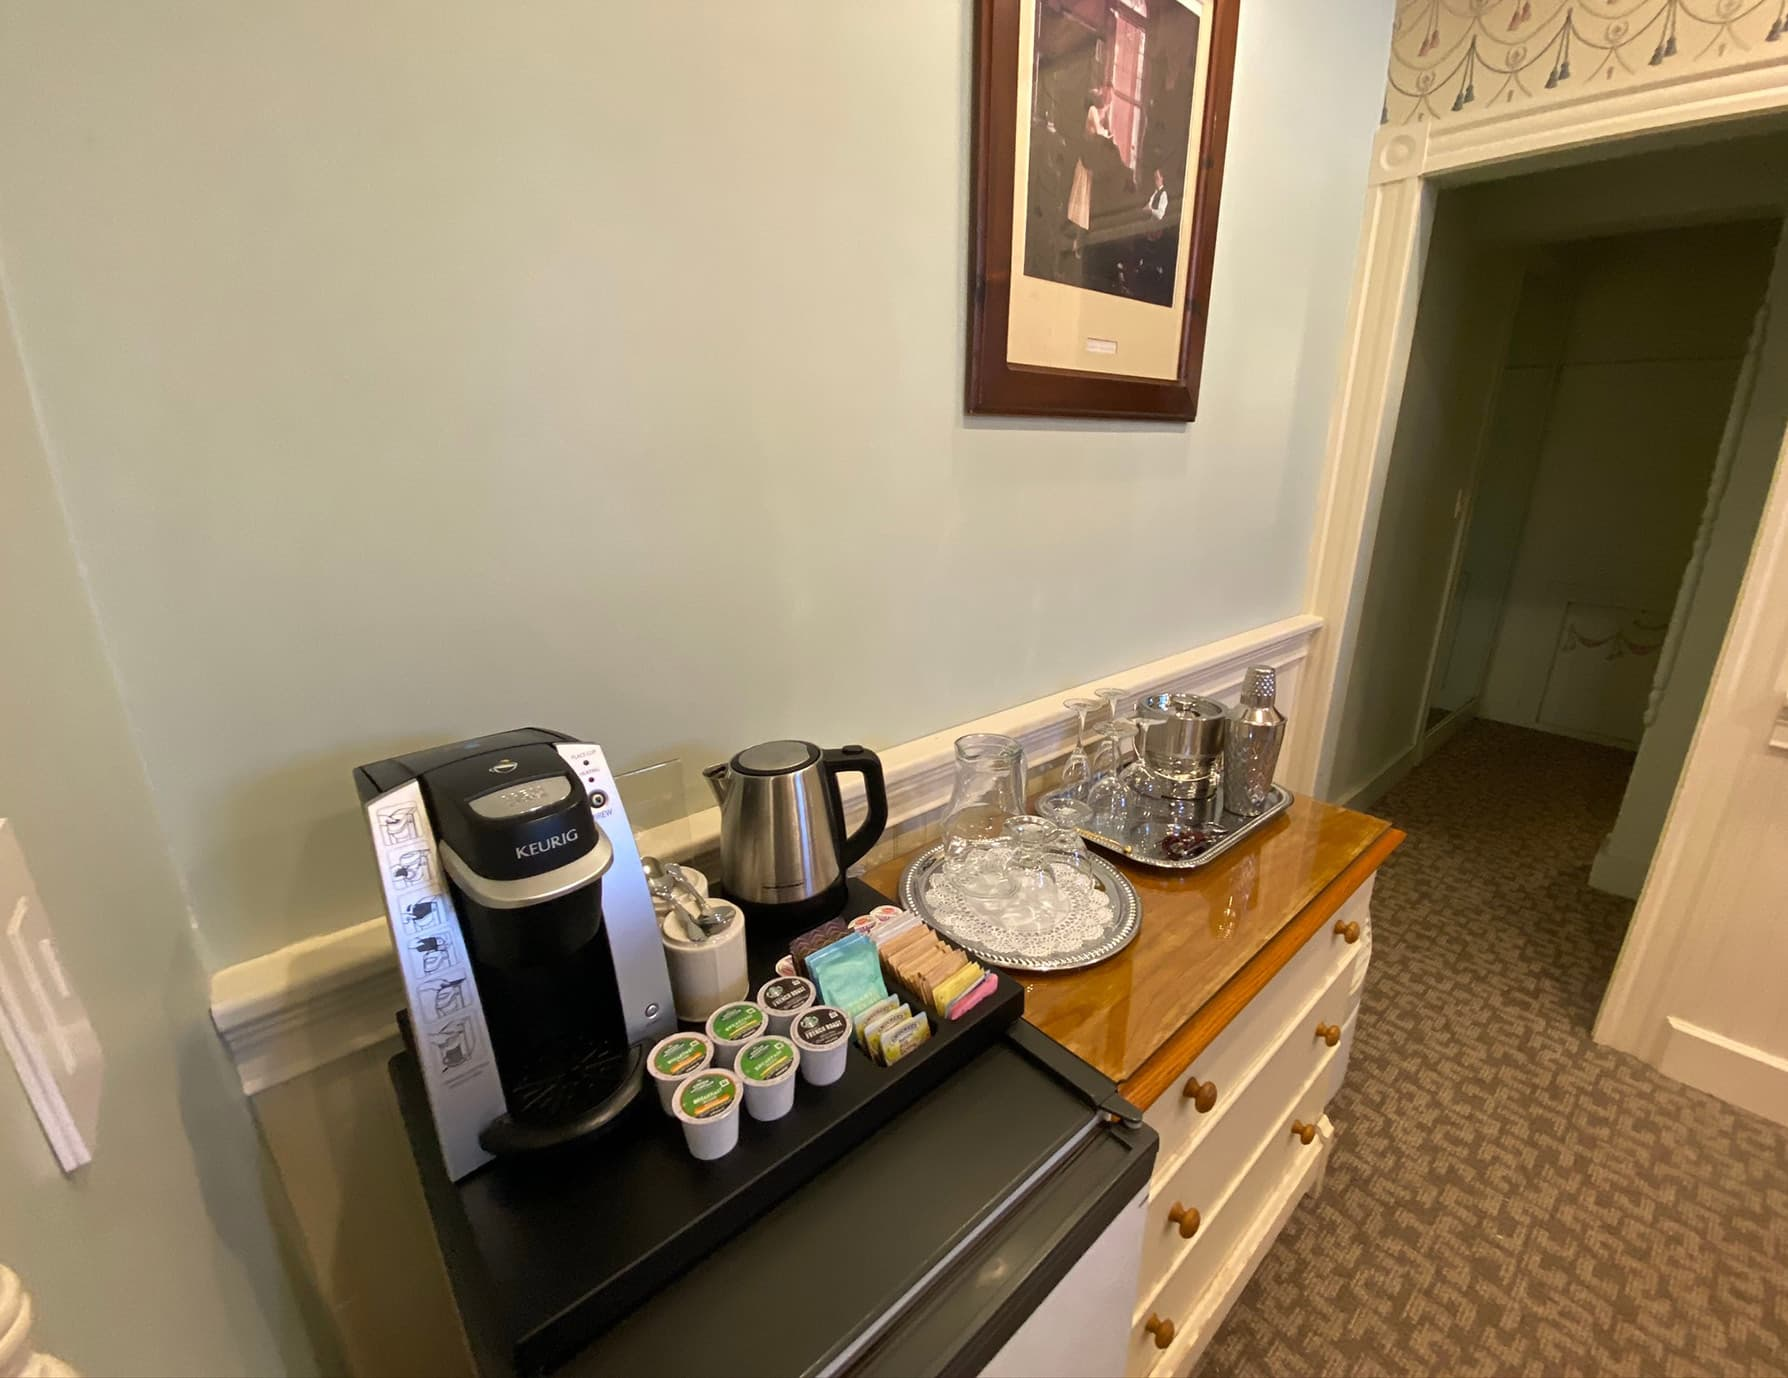 La Savoie Deluxe room coffee maker - Lee Hotel